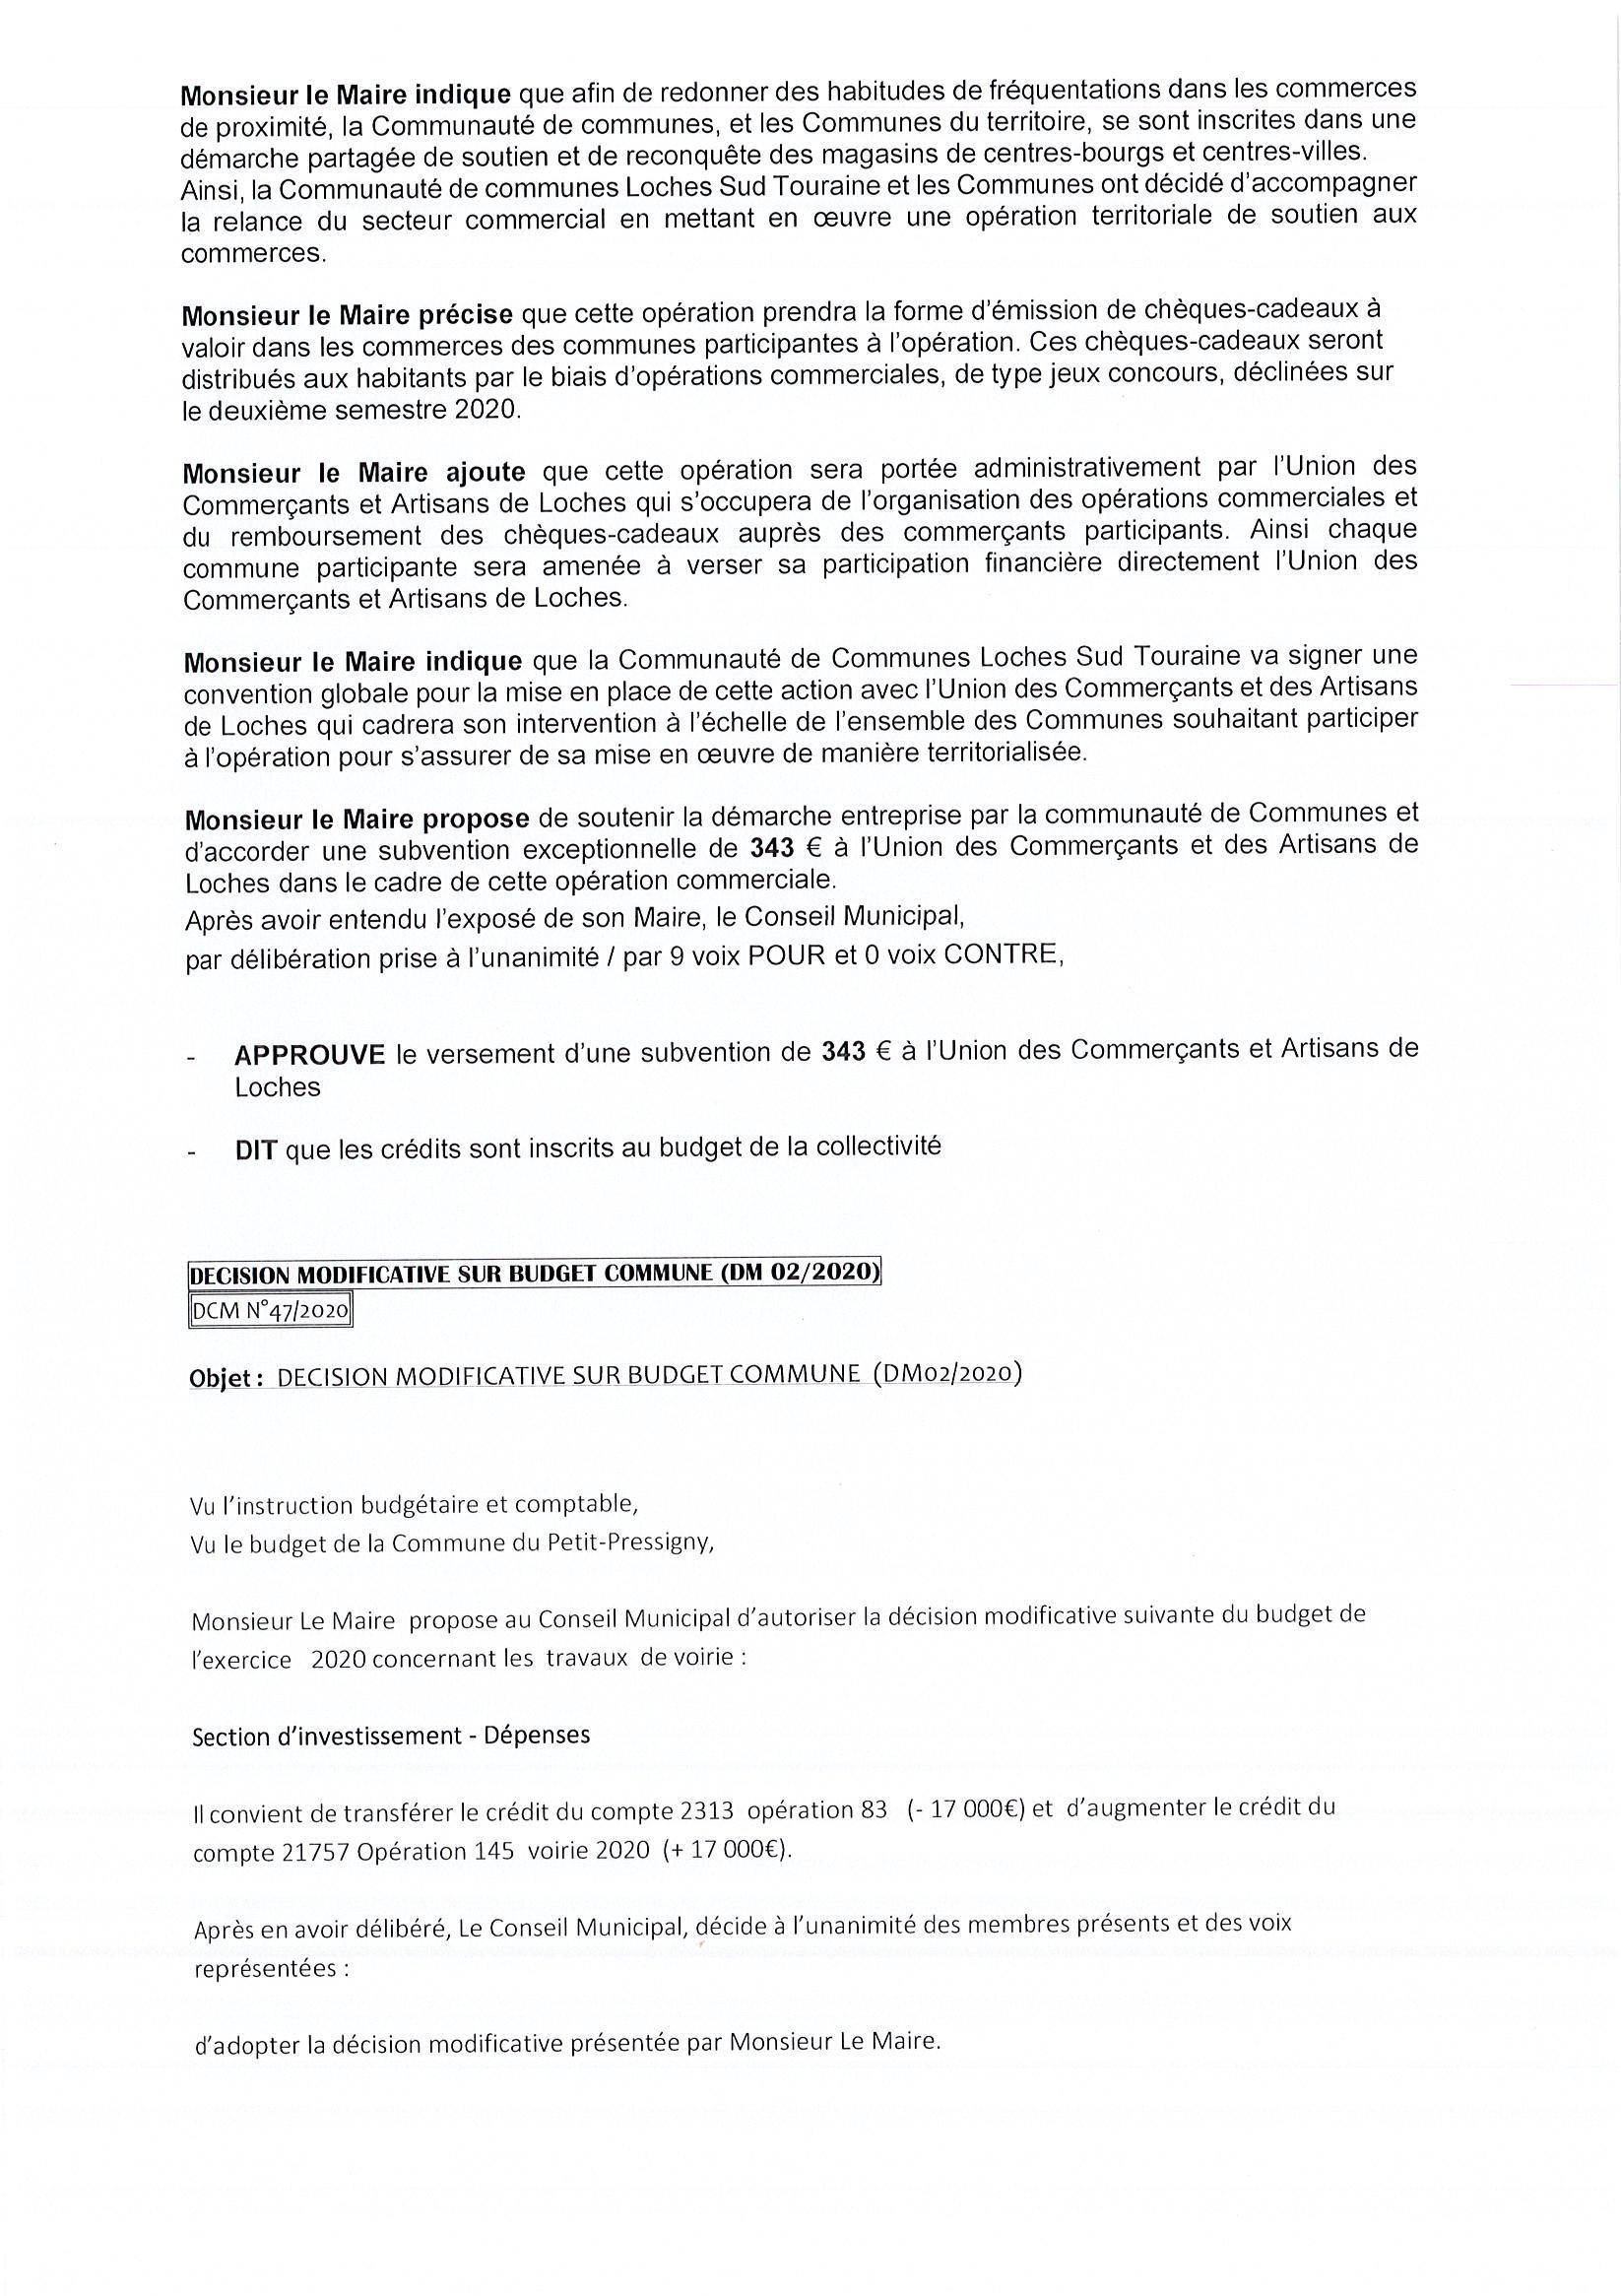 accueil/doc101120-10112020121830-0040.jpg